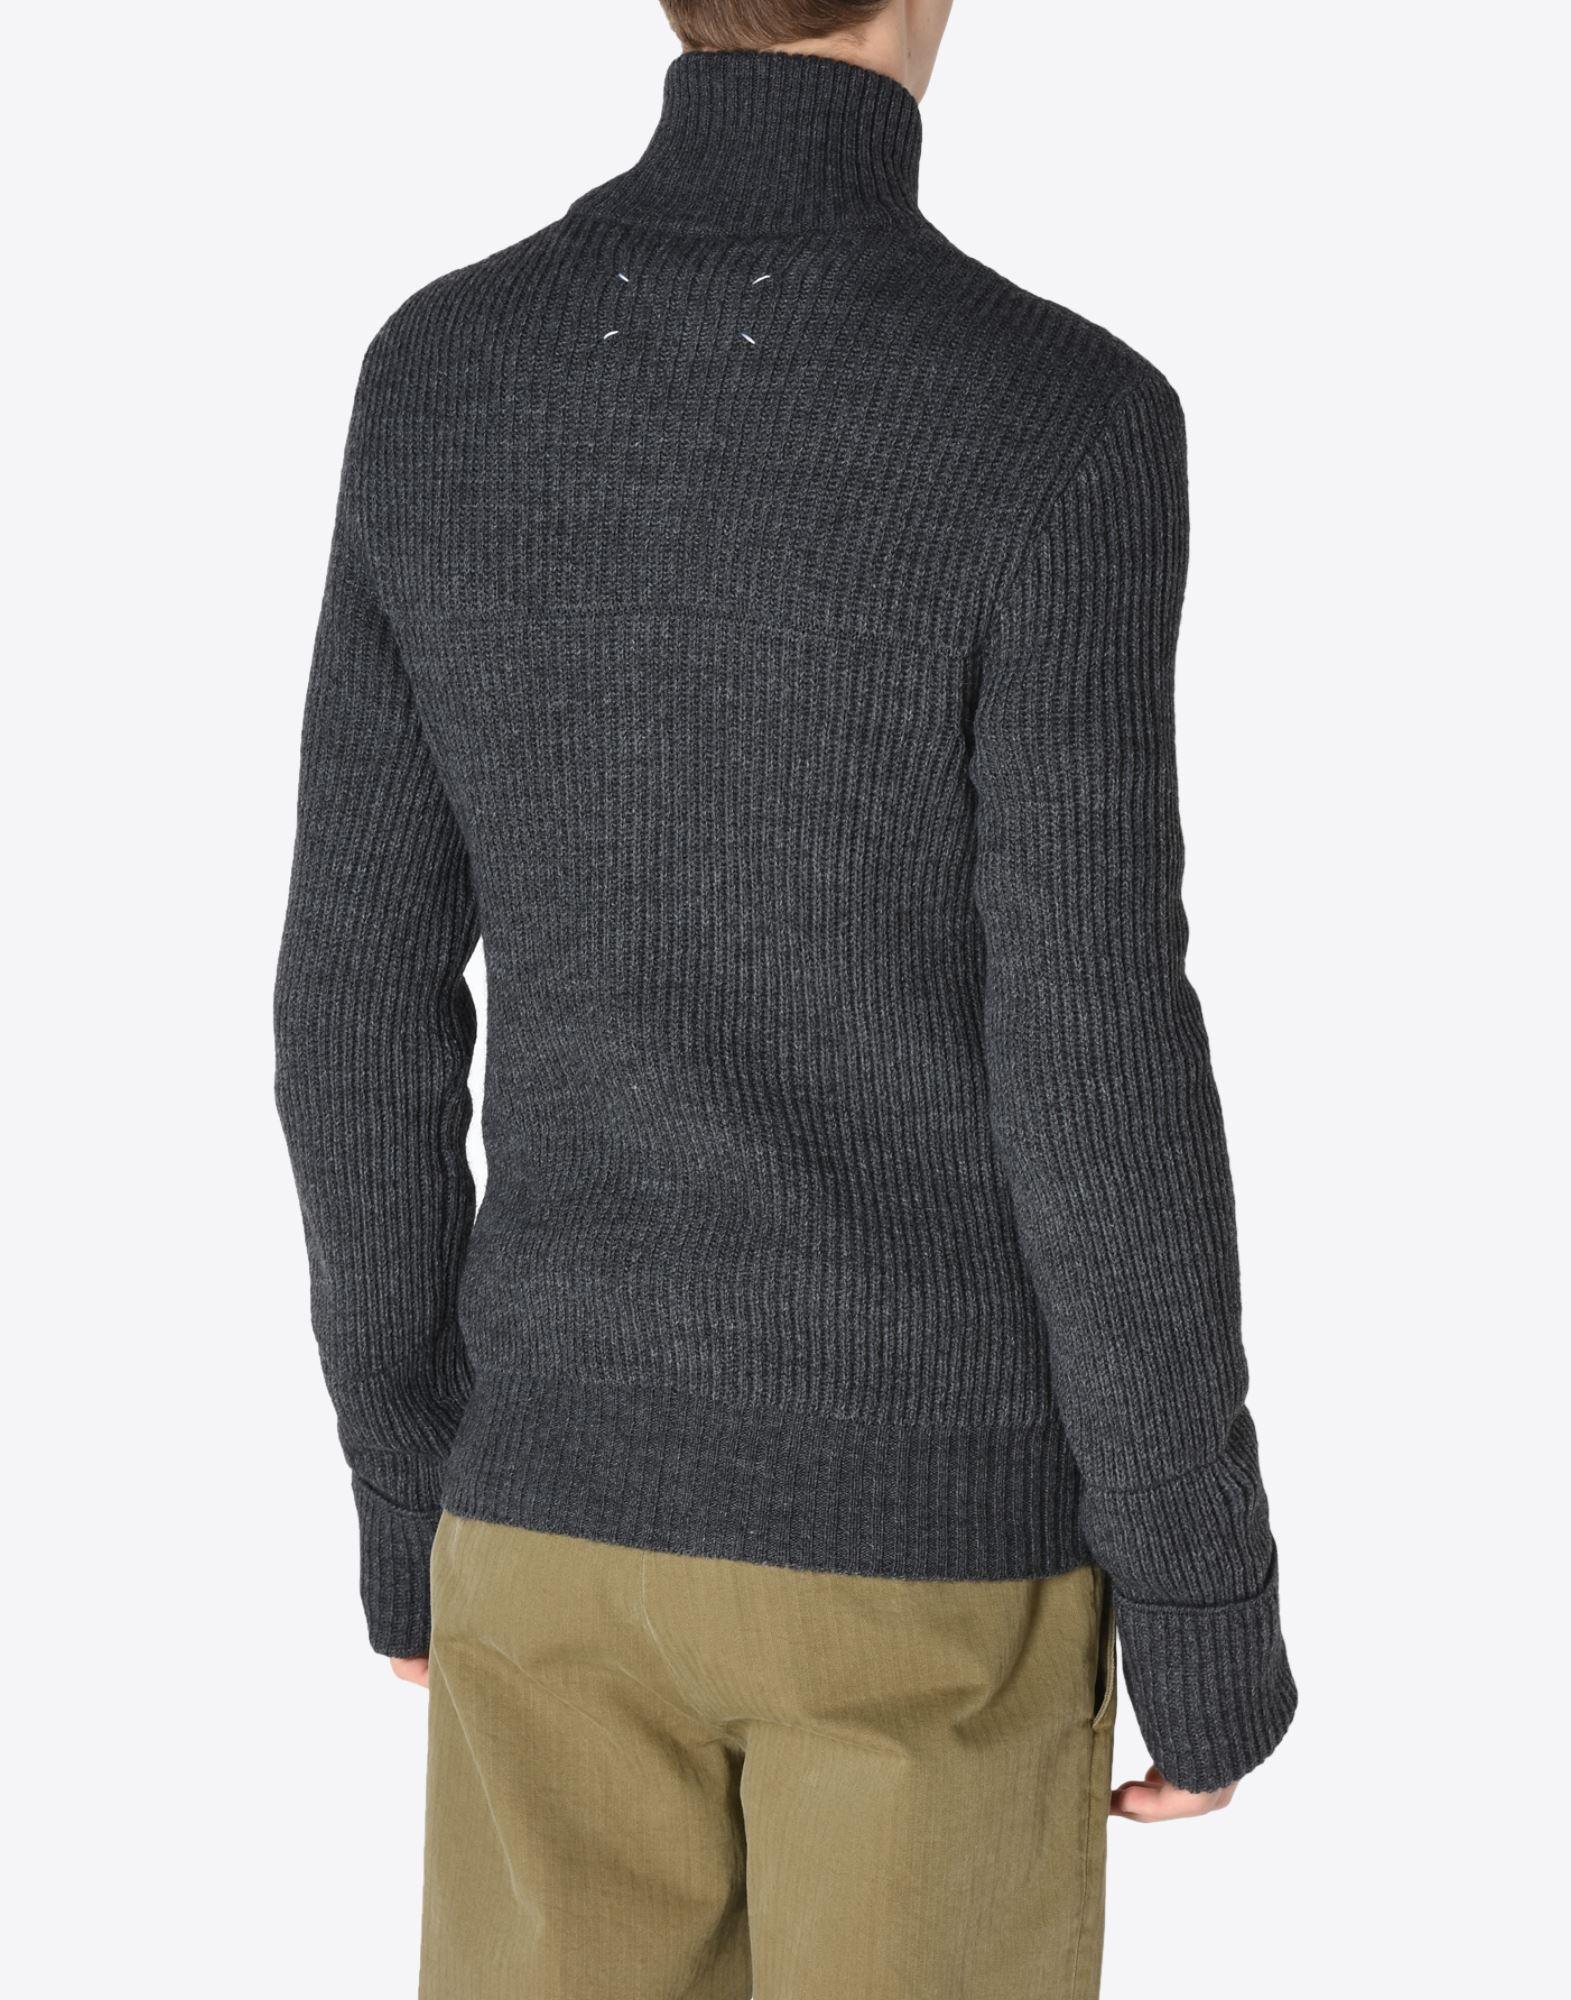 MAISON MARGIELA 14 Sweater mit Reißverschluss Pullover mit Rollkragen Herren e